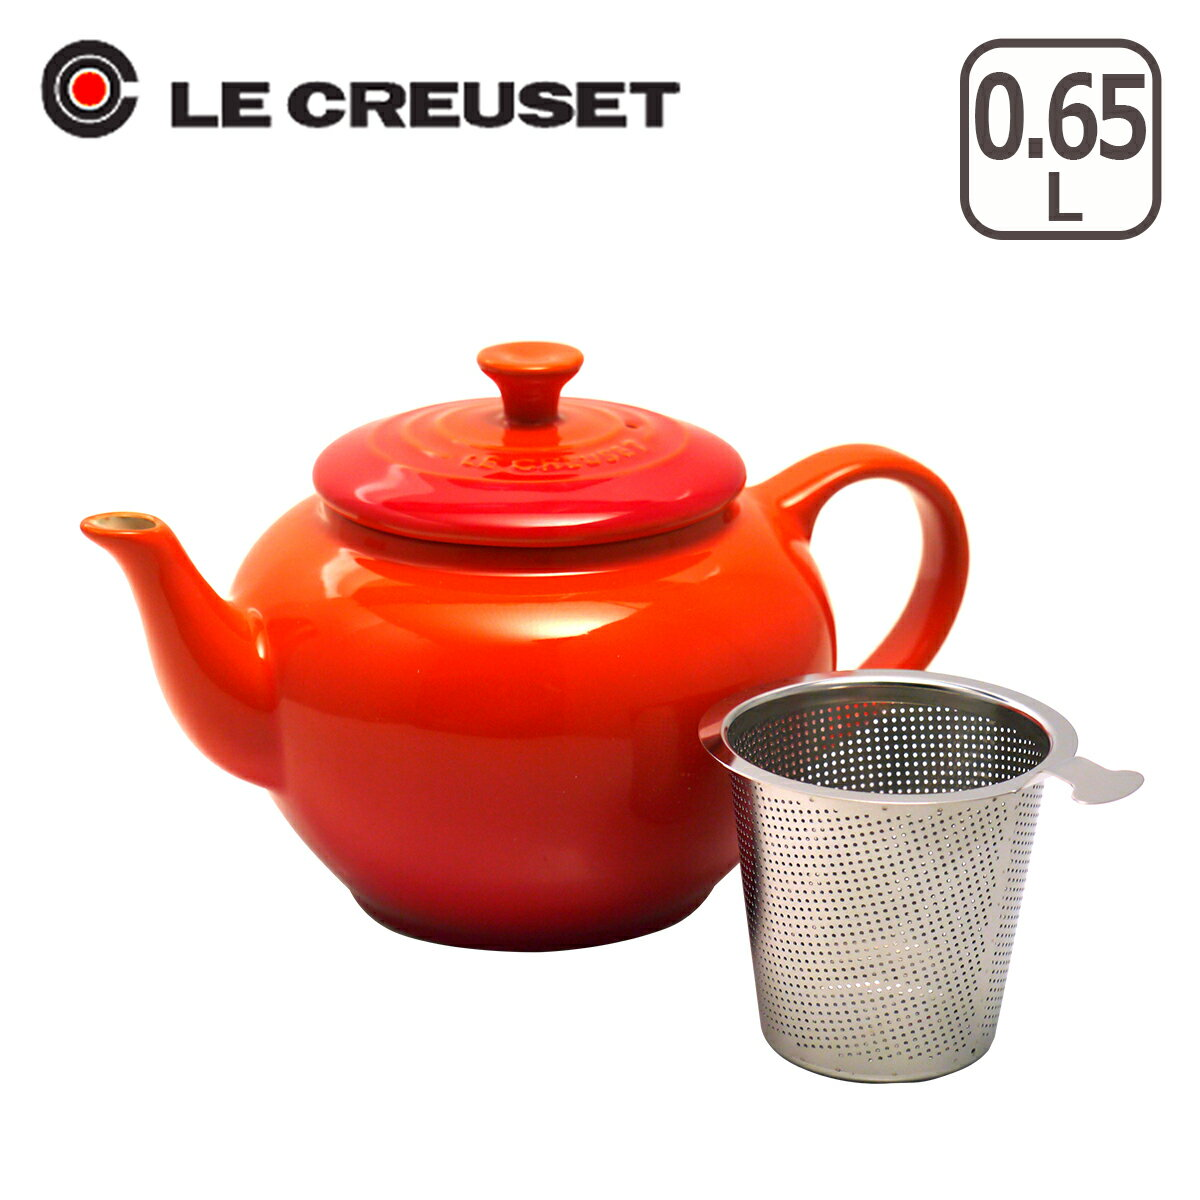 ルクルーゼ (ル・クルーゼ) ティーポット オレンジ(茶漉し ステンレス) Le Creuset【楽ギフ_包装】【楽ギフ_のし宛書】